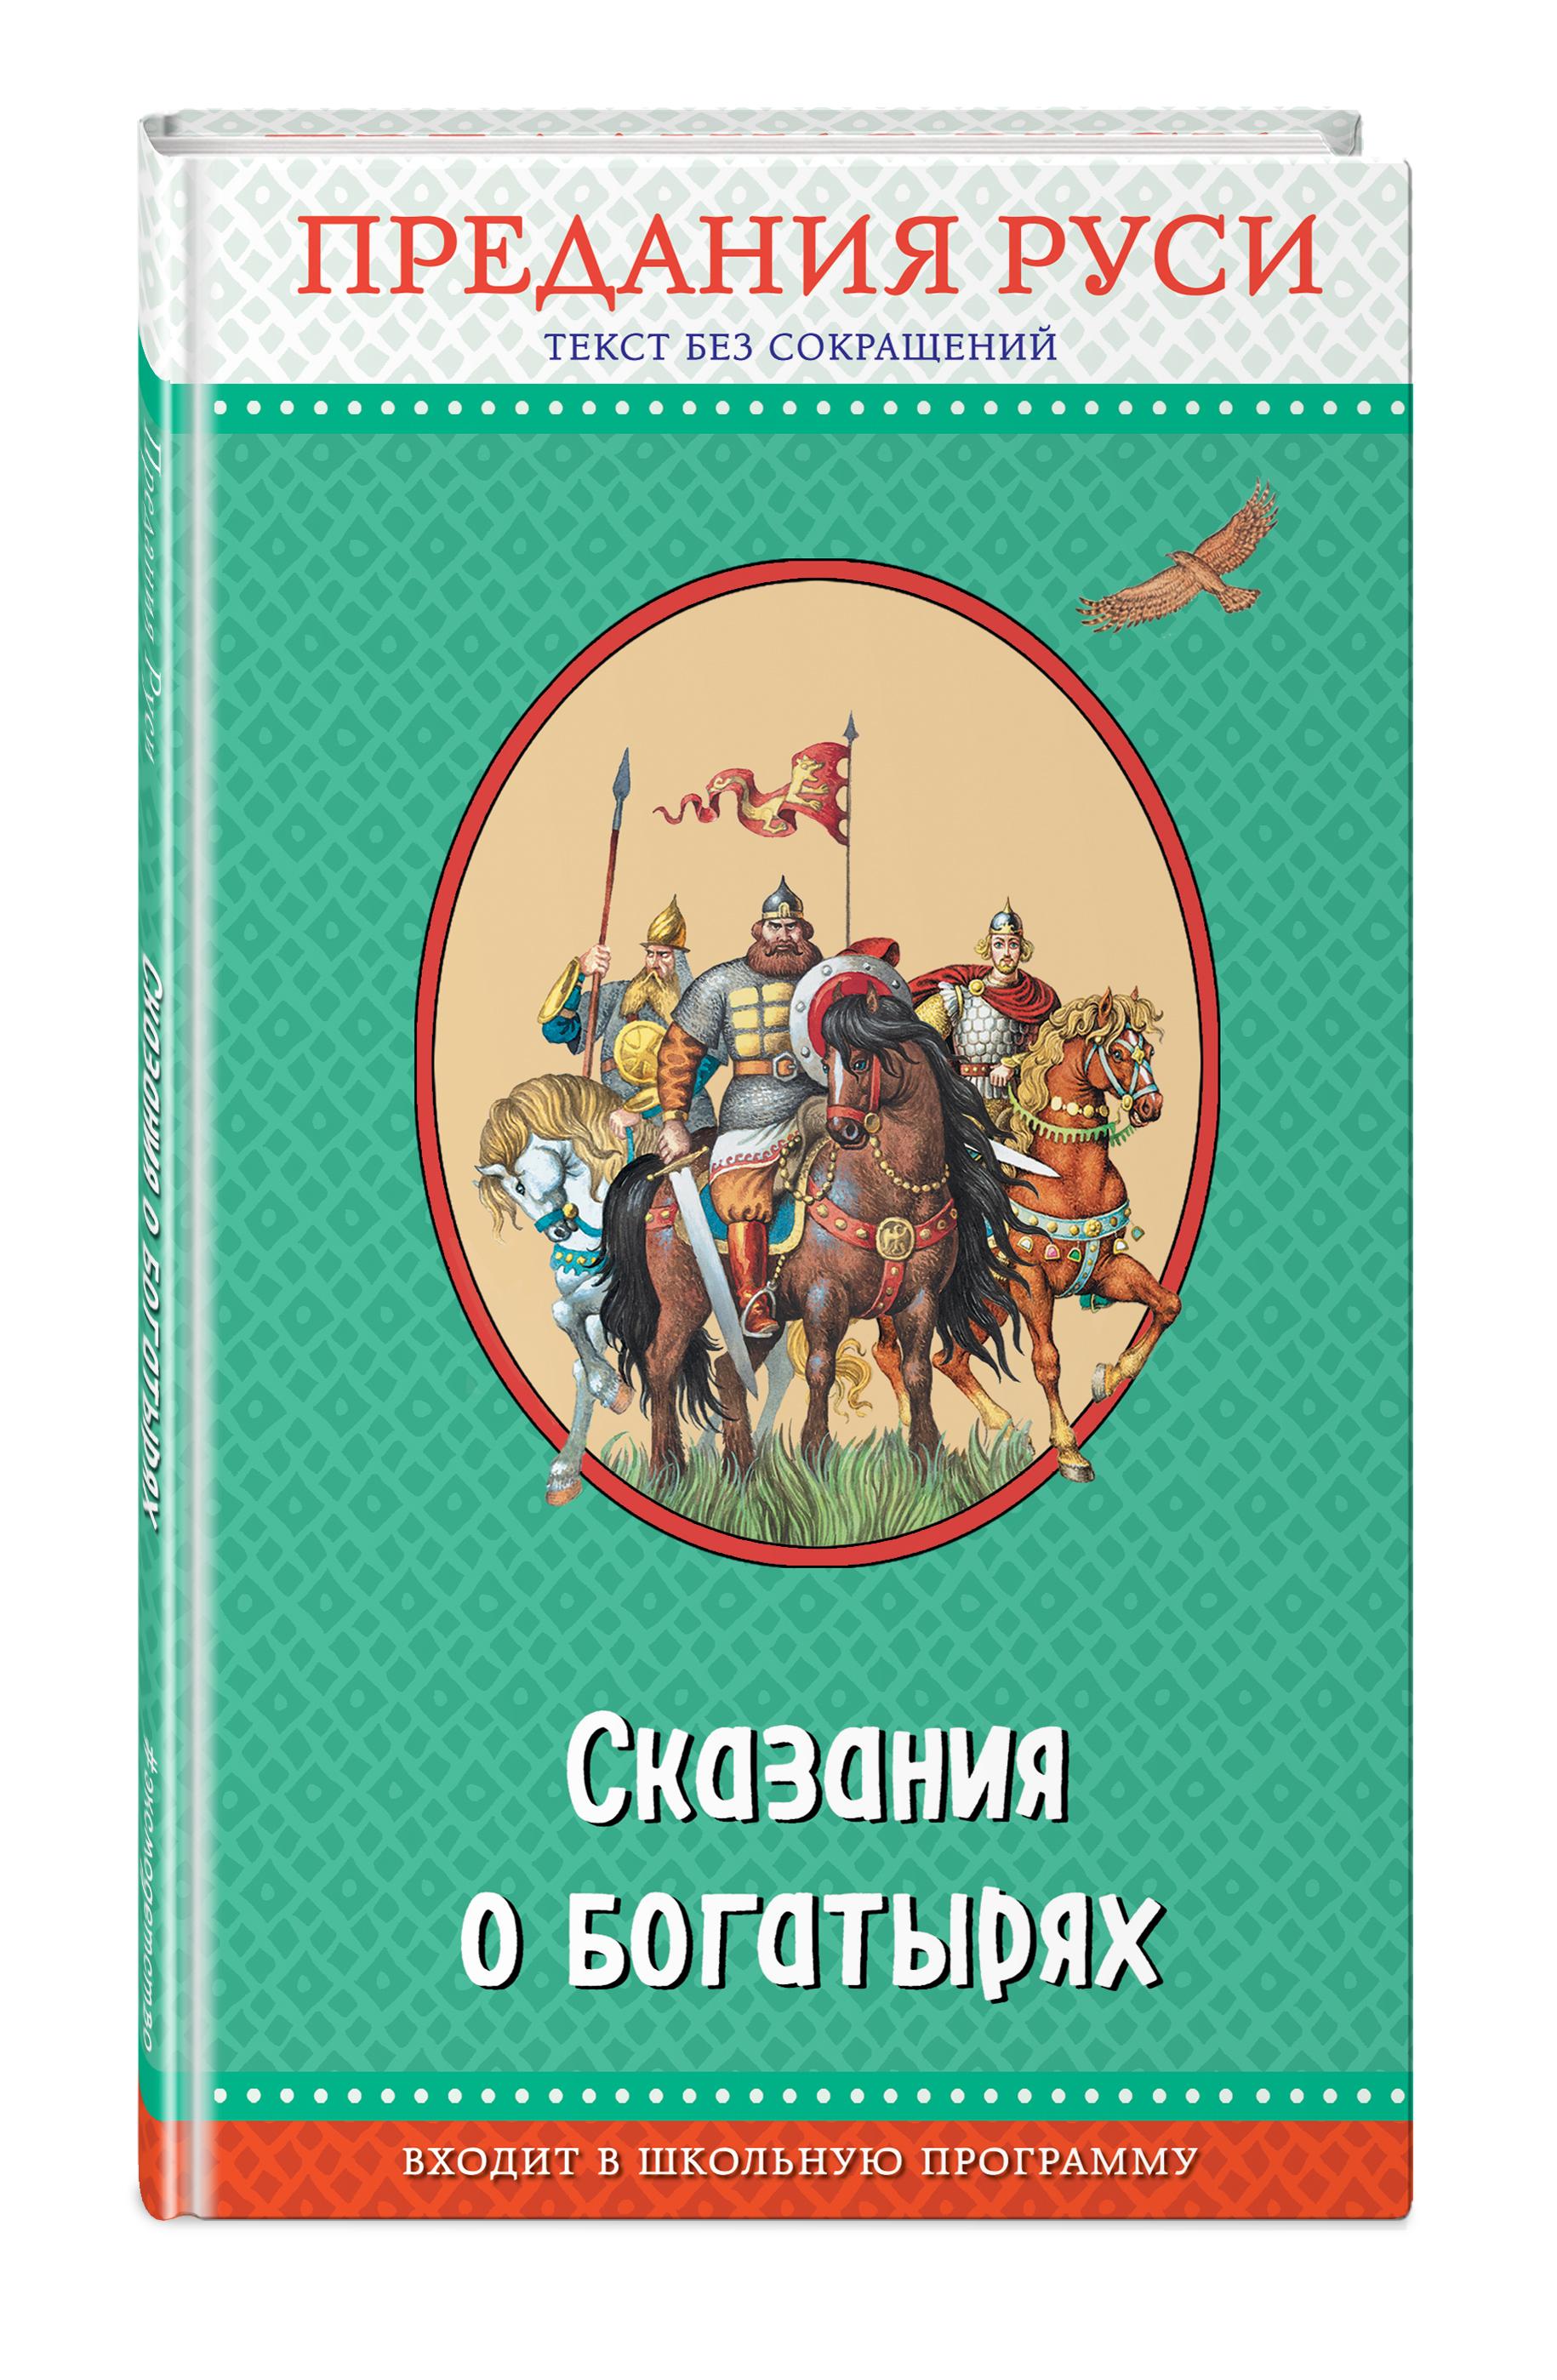 Сказания о богатырях. Предания Руси эксмо предания руси сказания о богатырях